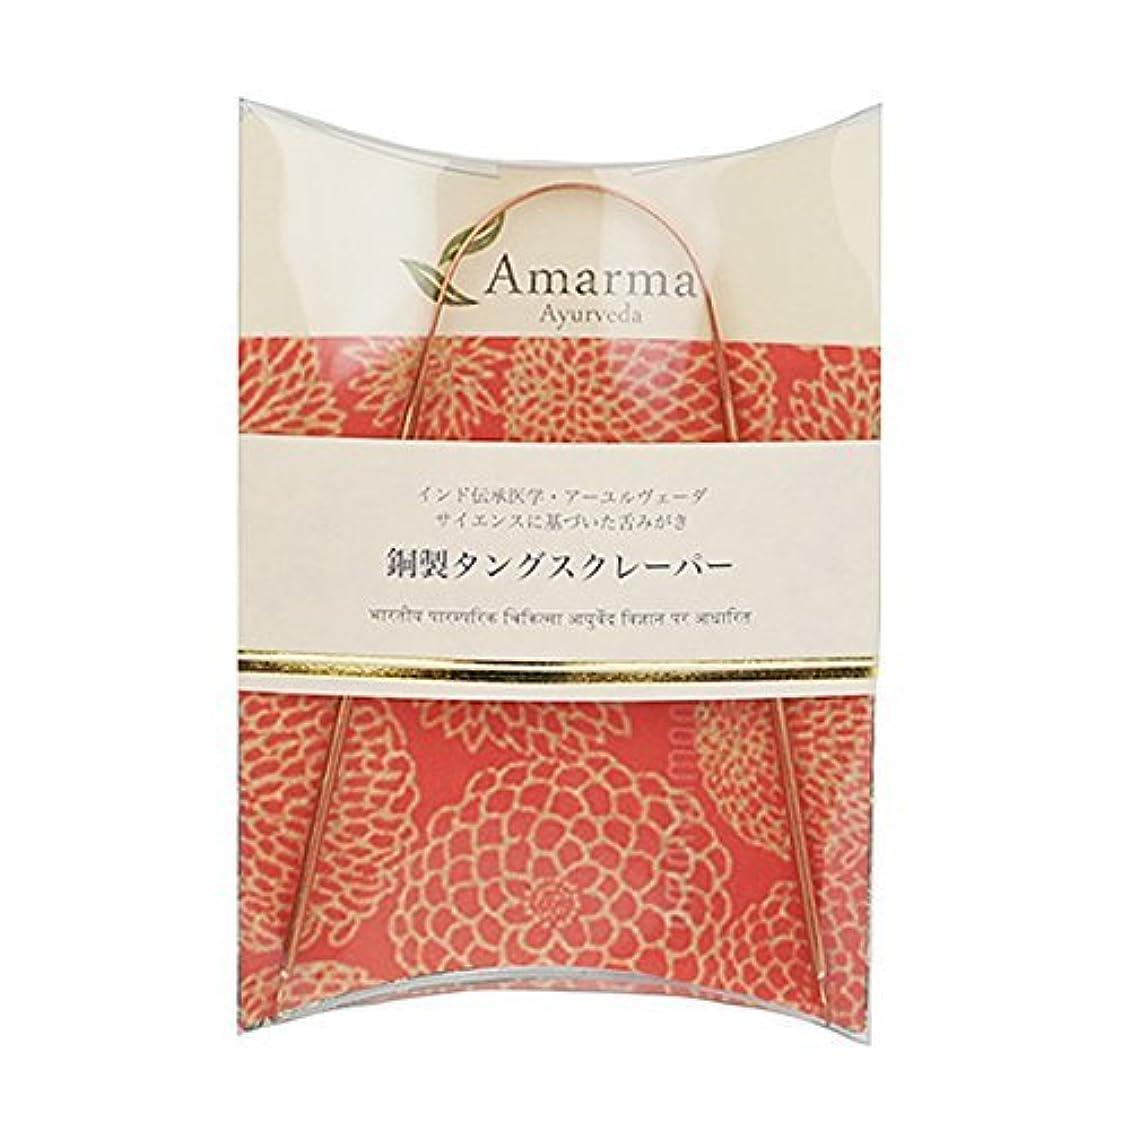 パンツ解く以下銅製タングスクレーパー(舌みがき)日本製